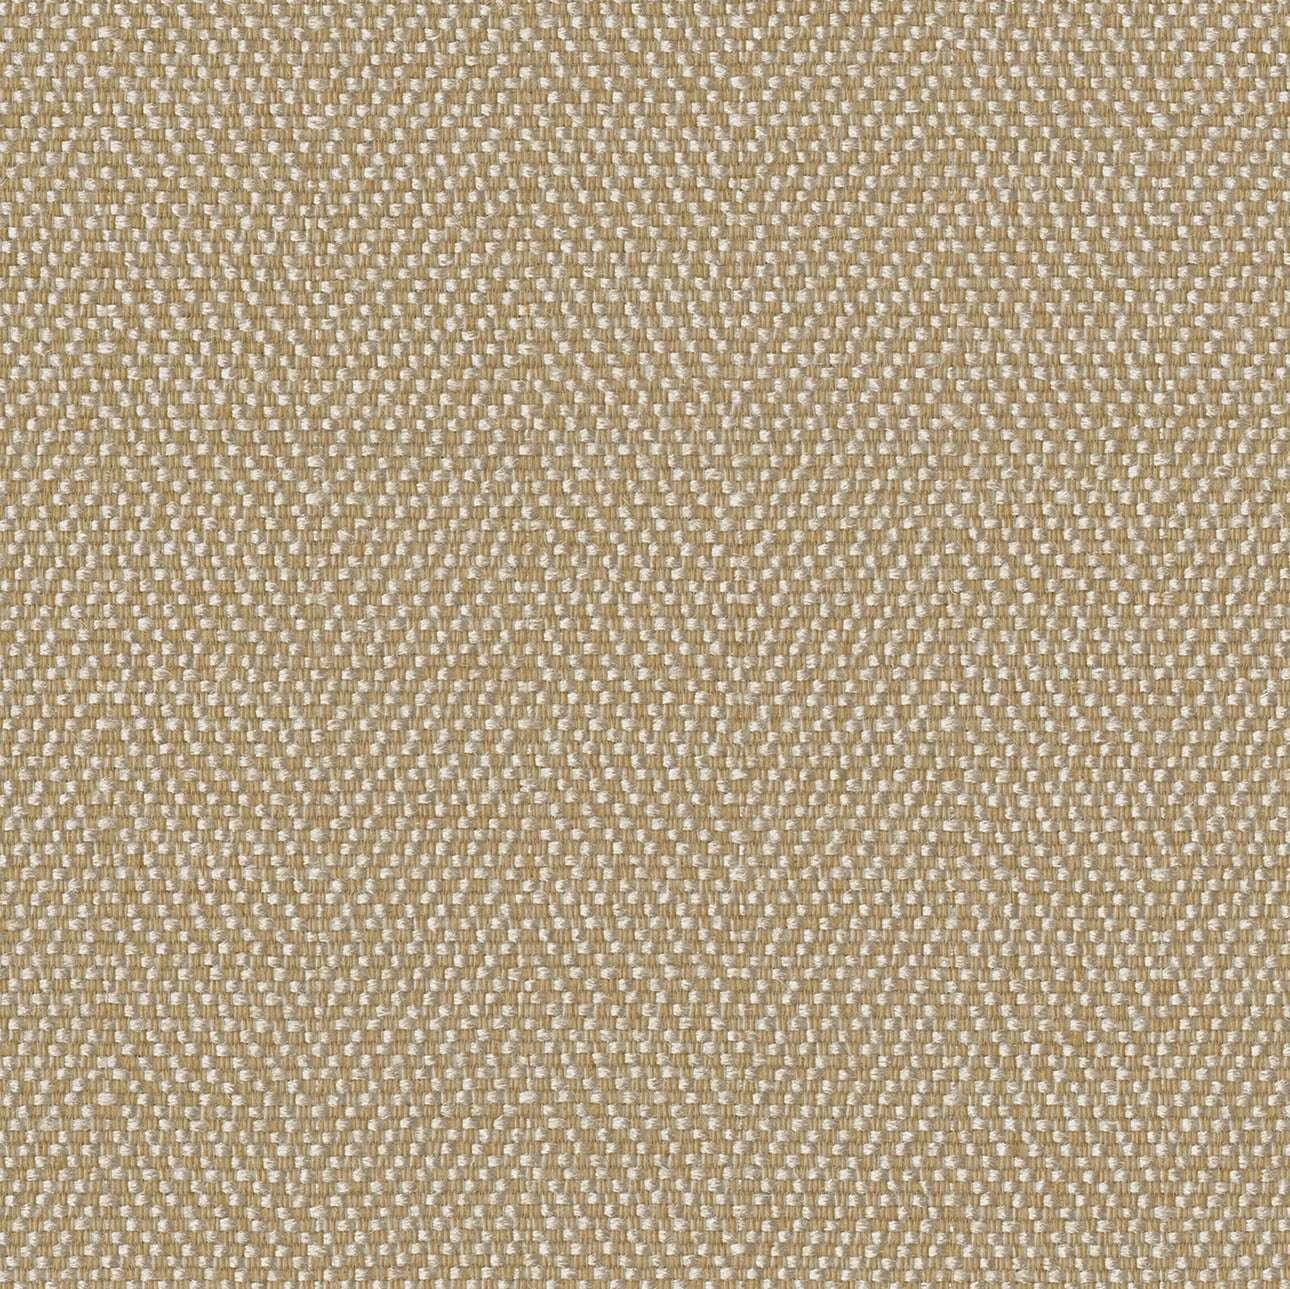 Pokrowiec na szezlong/ leżankę Ektorp wolnostojący prosty tył w kolekcji Living, tkanina: 160-43